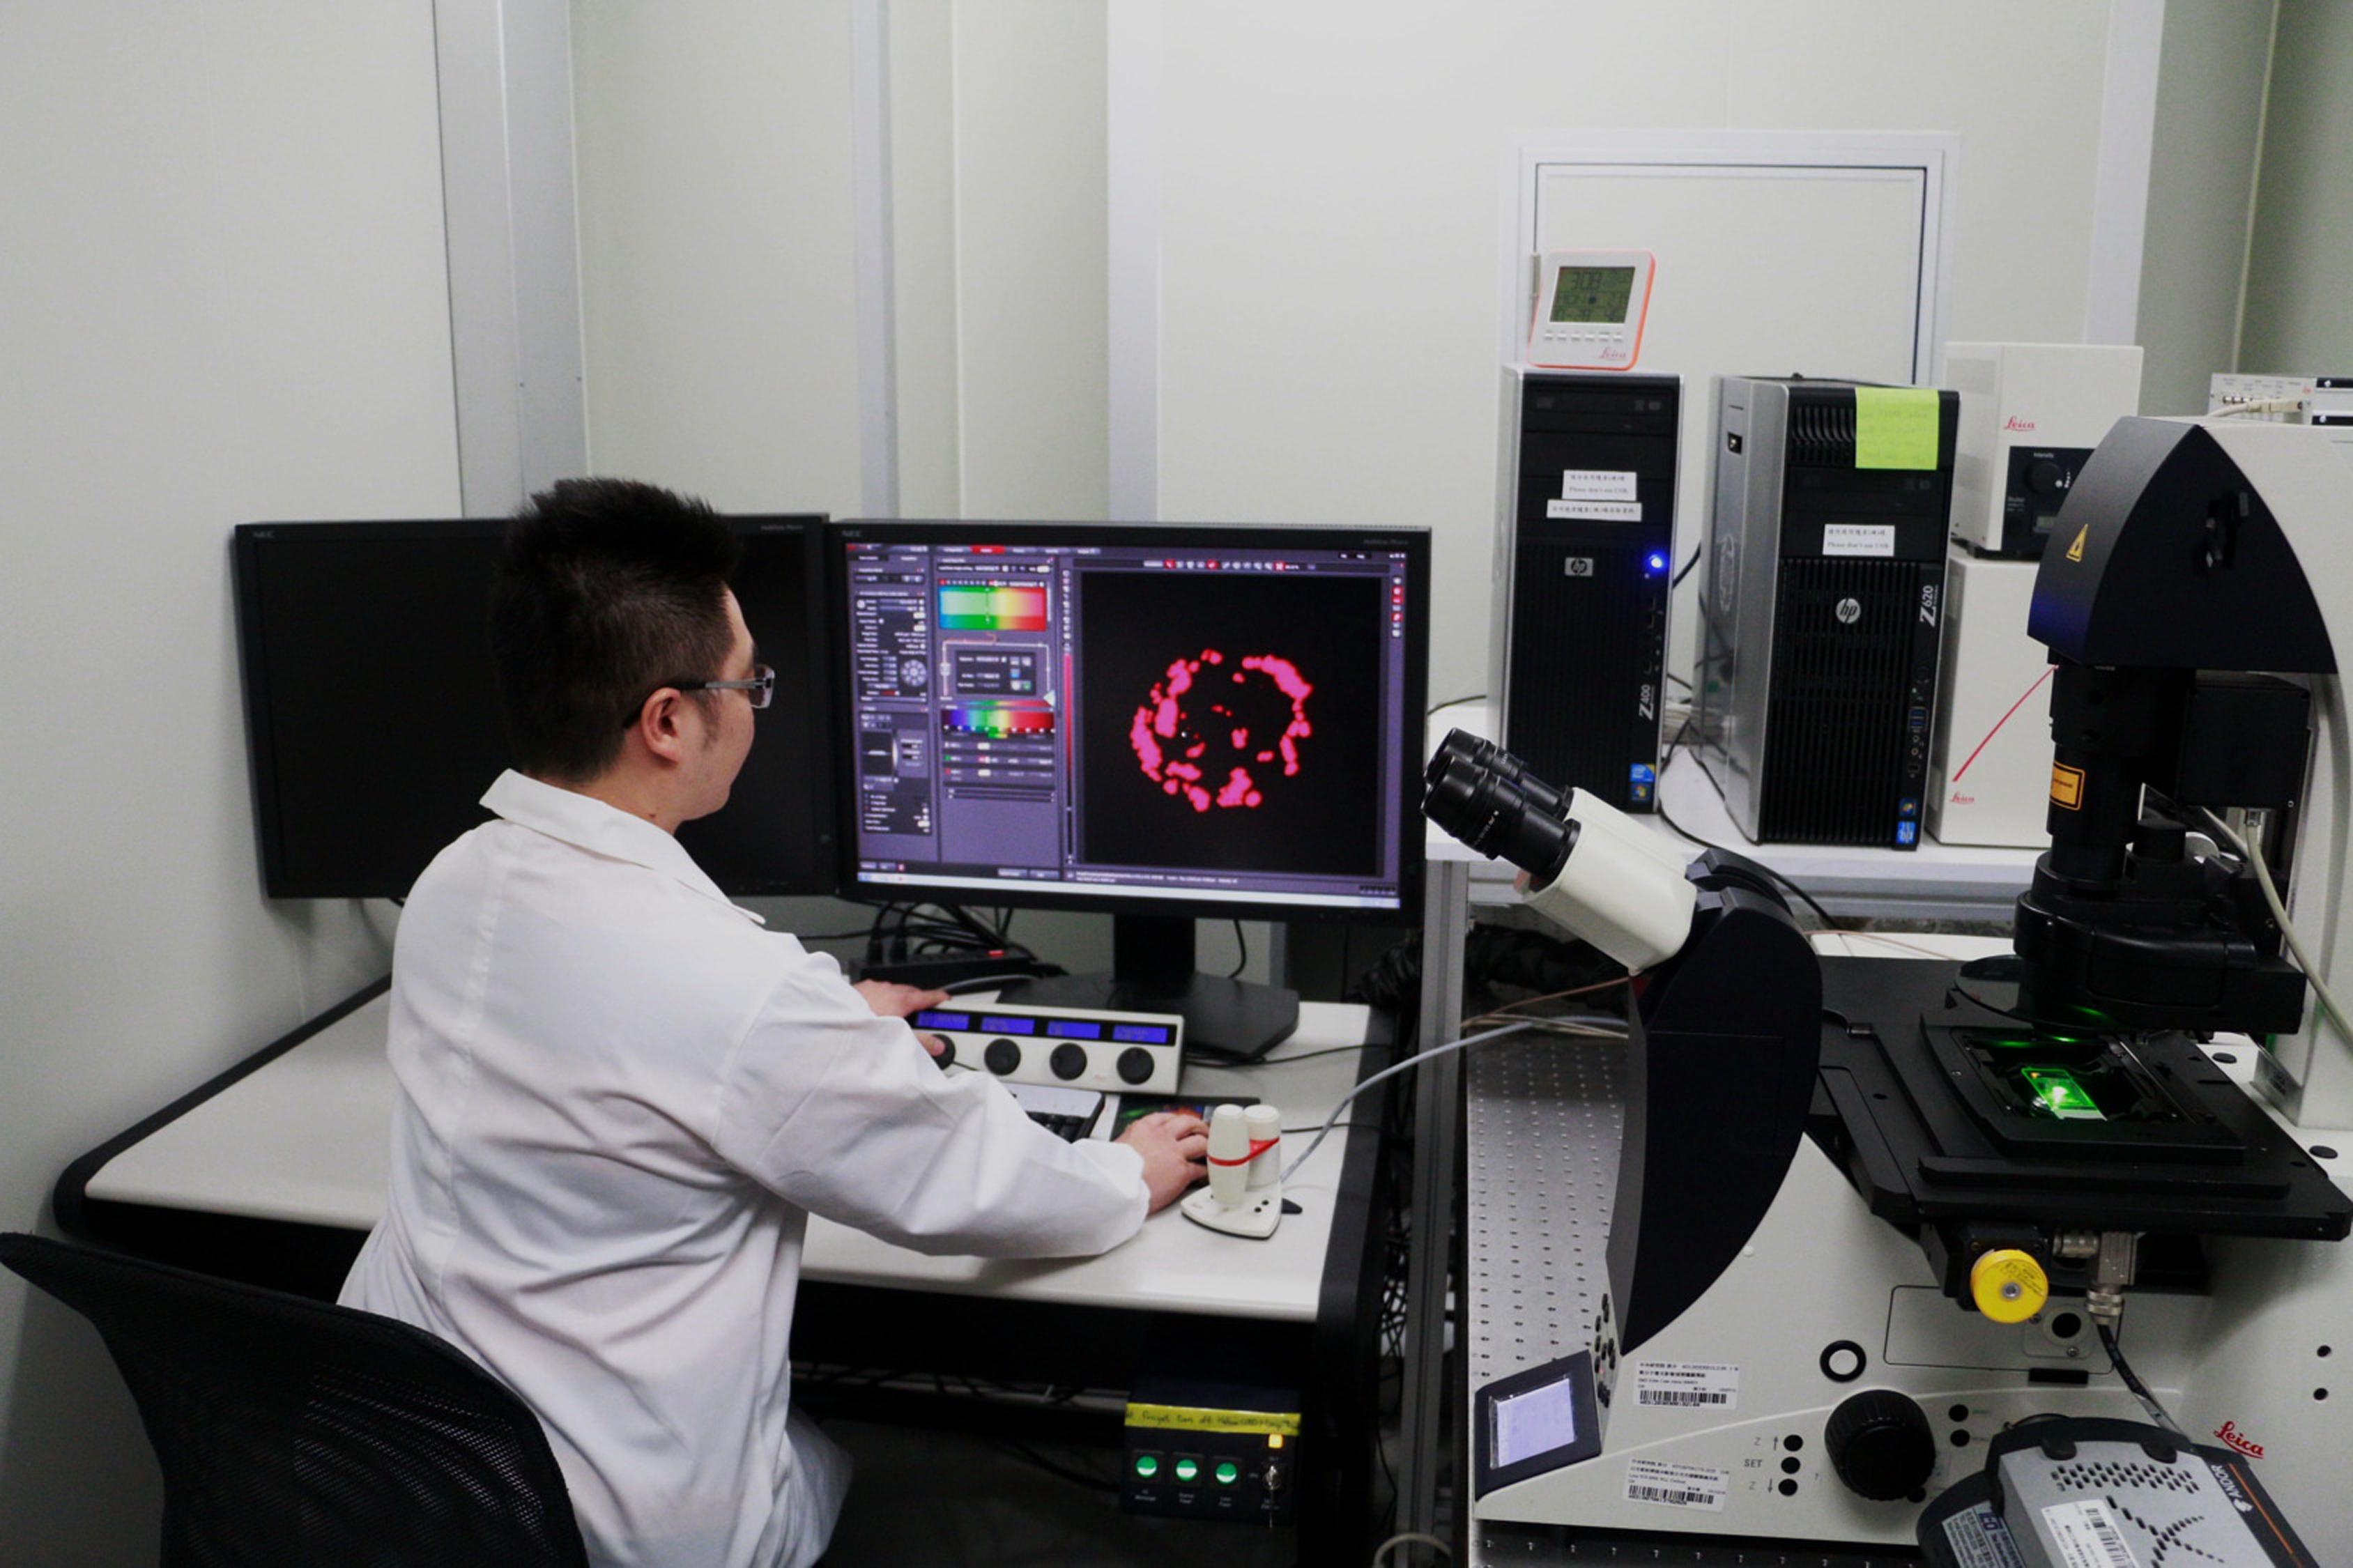 張煥正老師研究團隊之光學顯微鏡實驗室